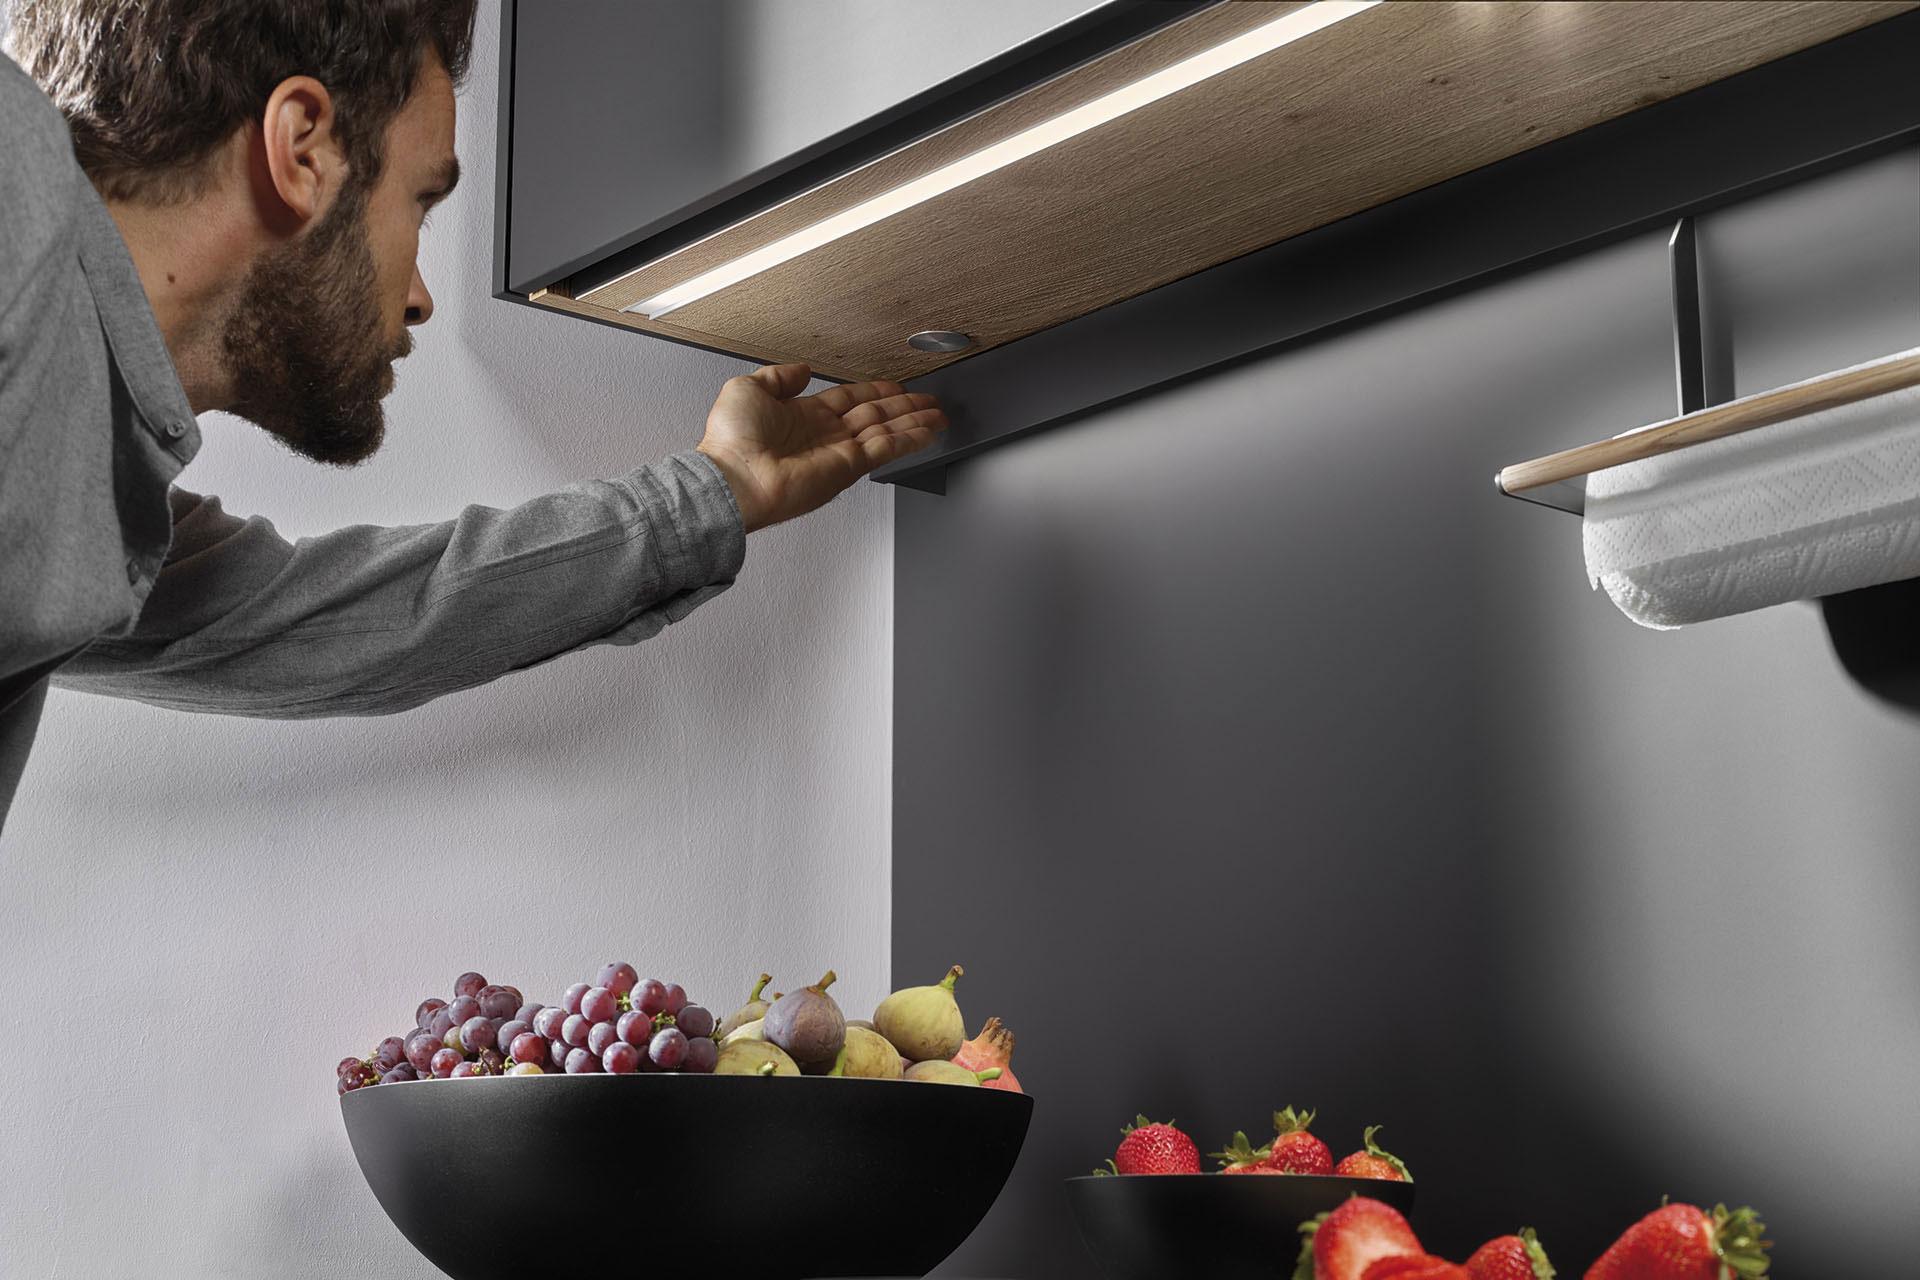 Image santiago-interiores-cocinas-santos-iluminacion-integrada-led